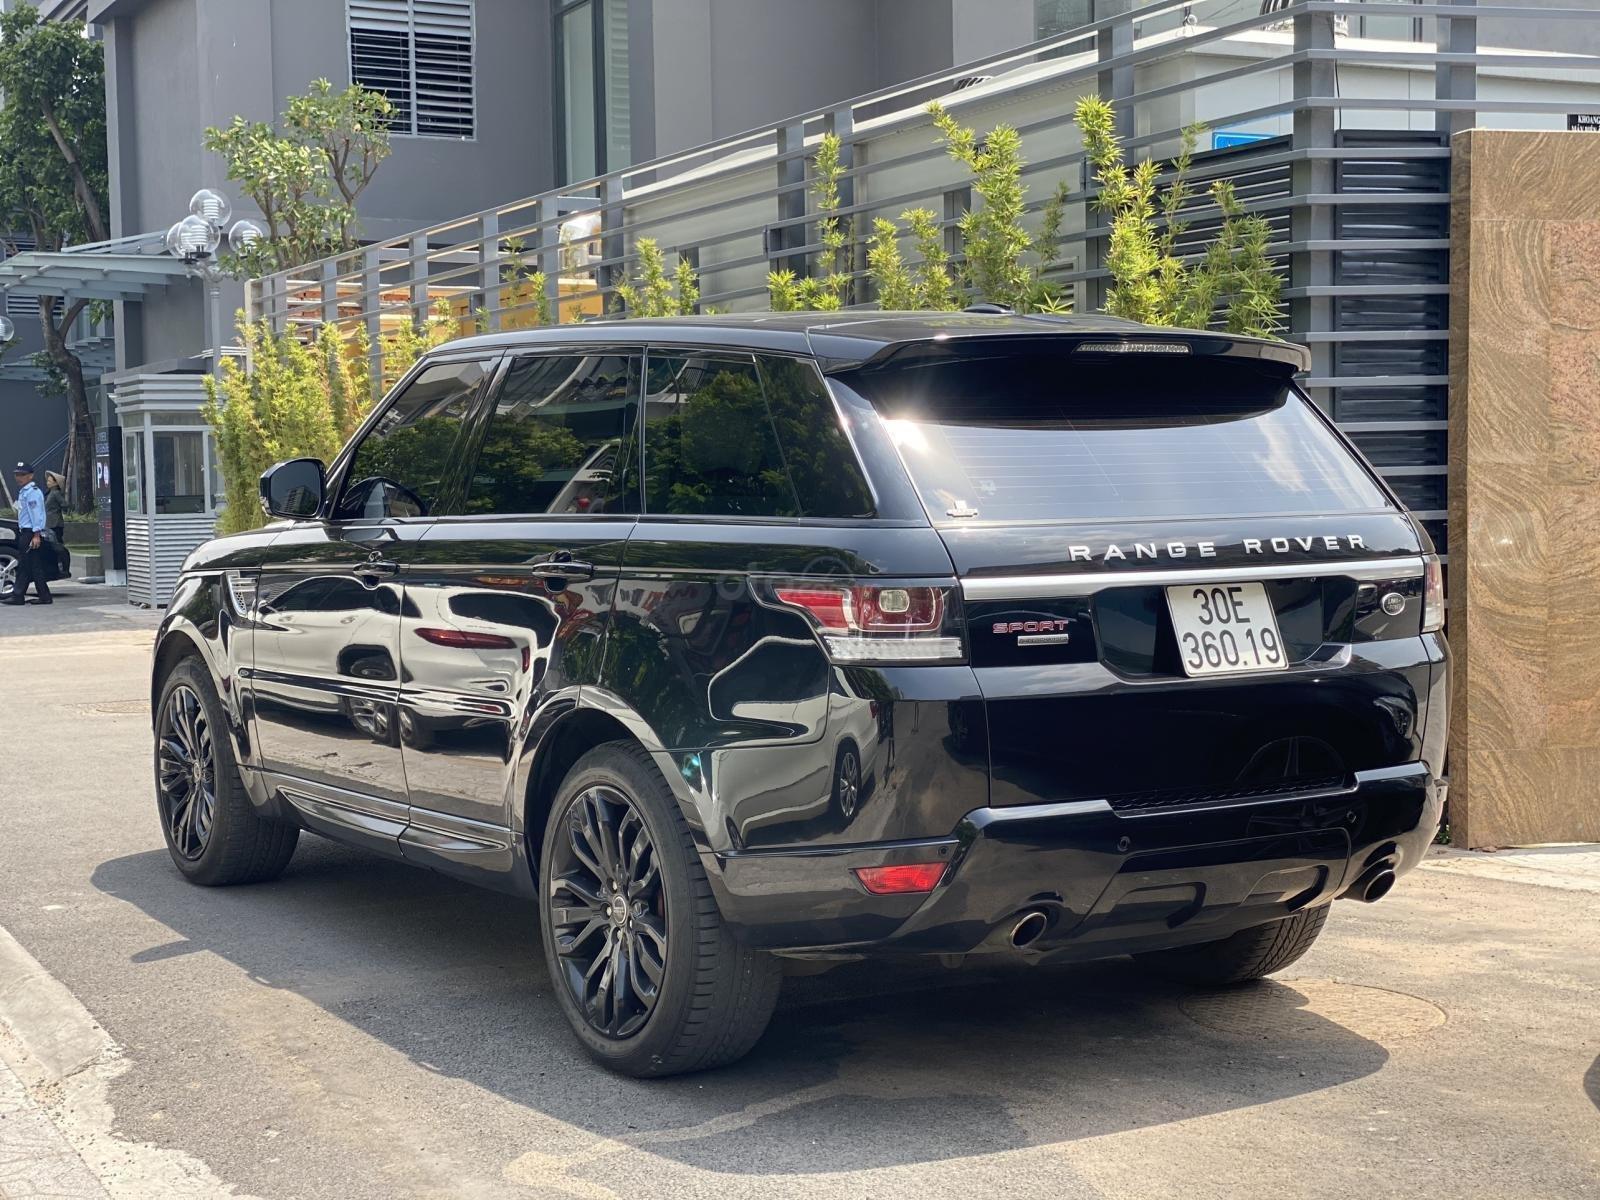 Range Rover Sport Superchac 5.0 sản xuất 2013, đăng ký 2016, đen da bò, hàng siêu hiếm (2)